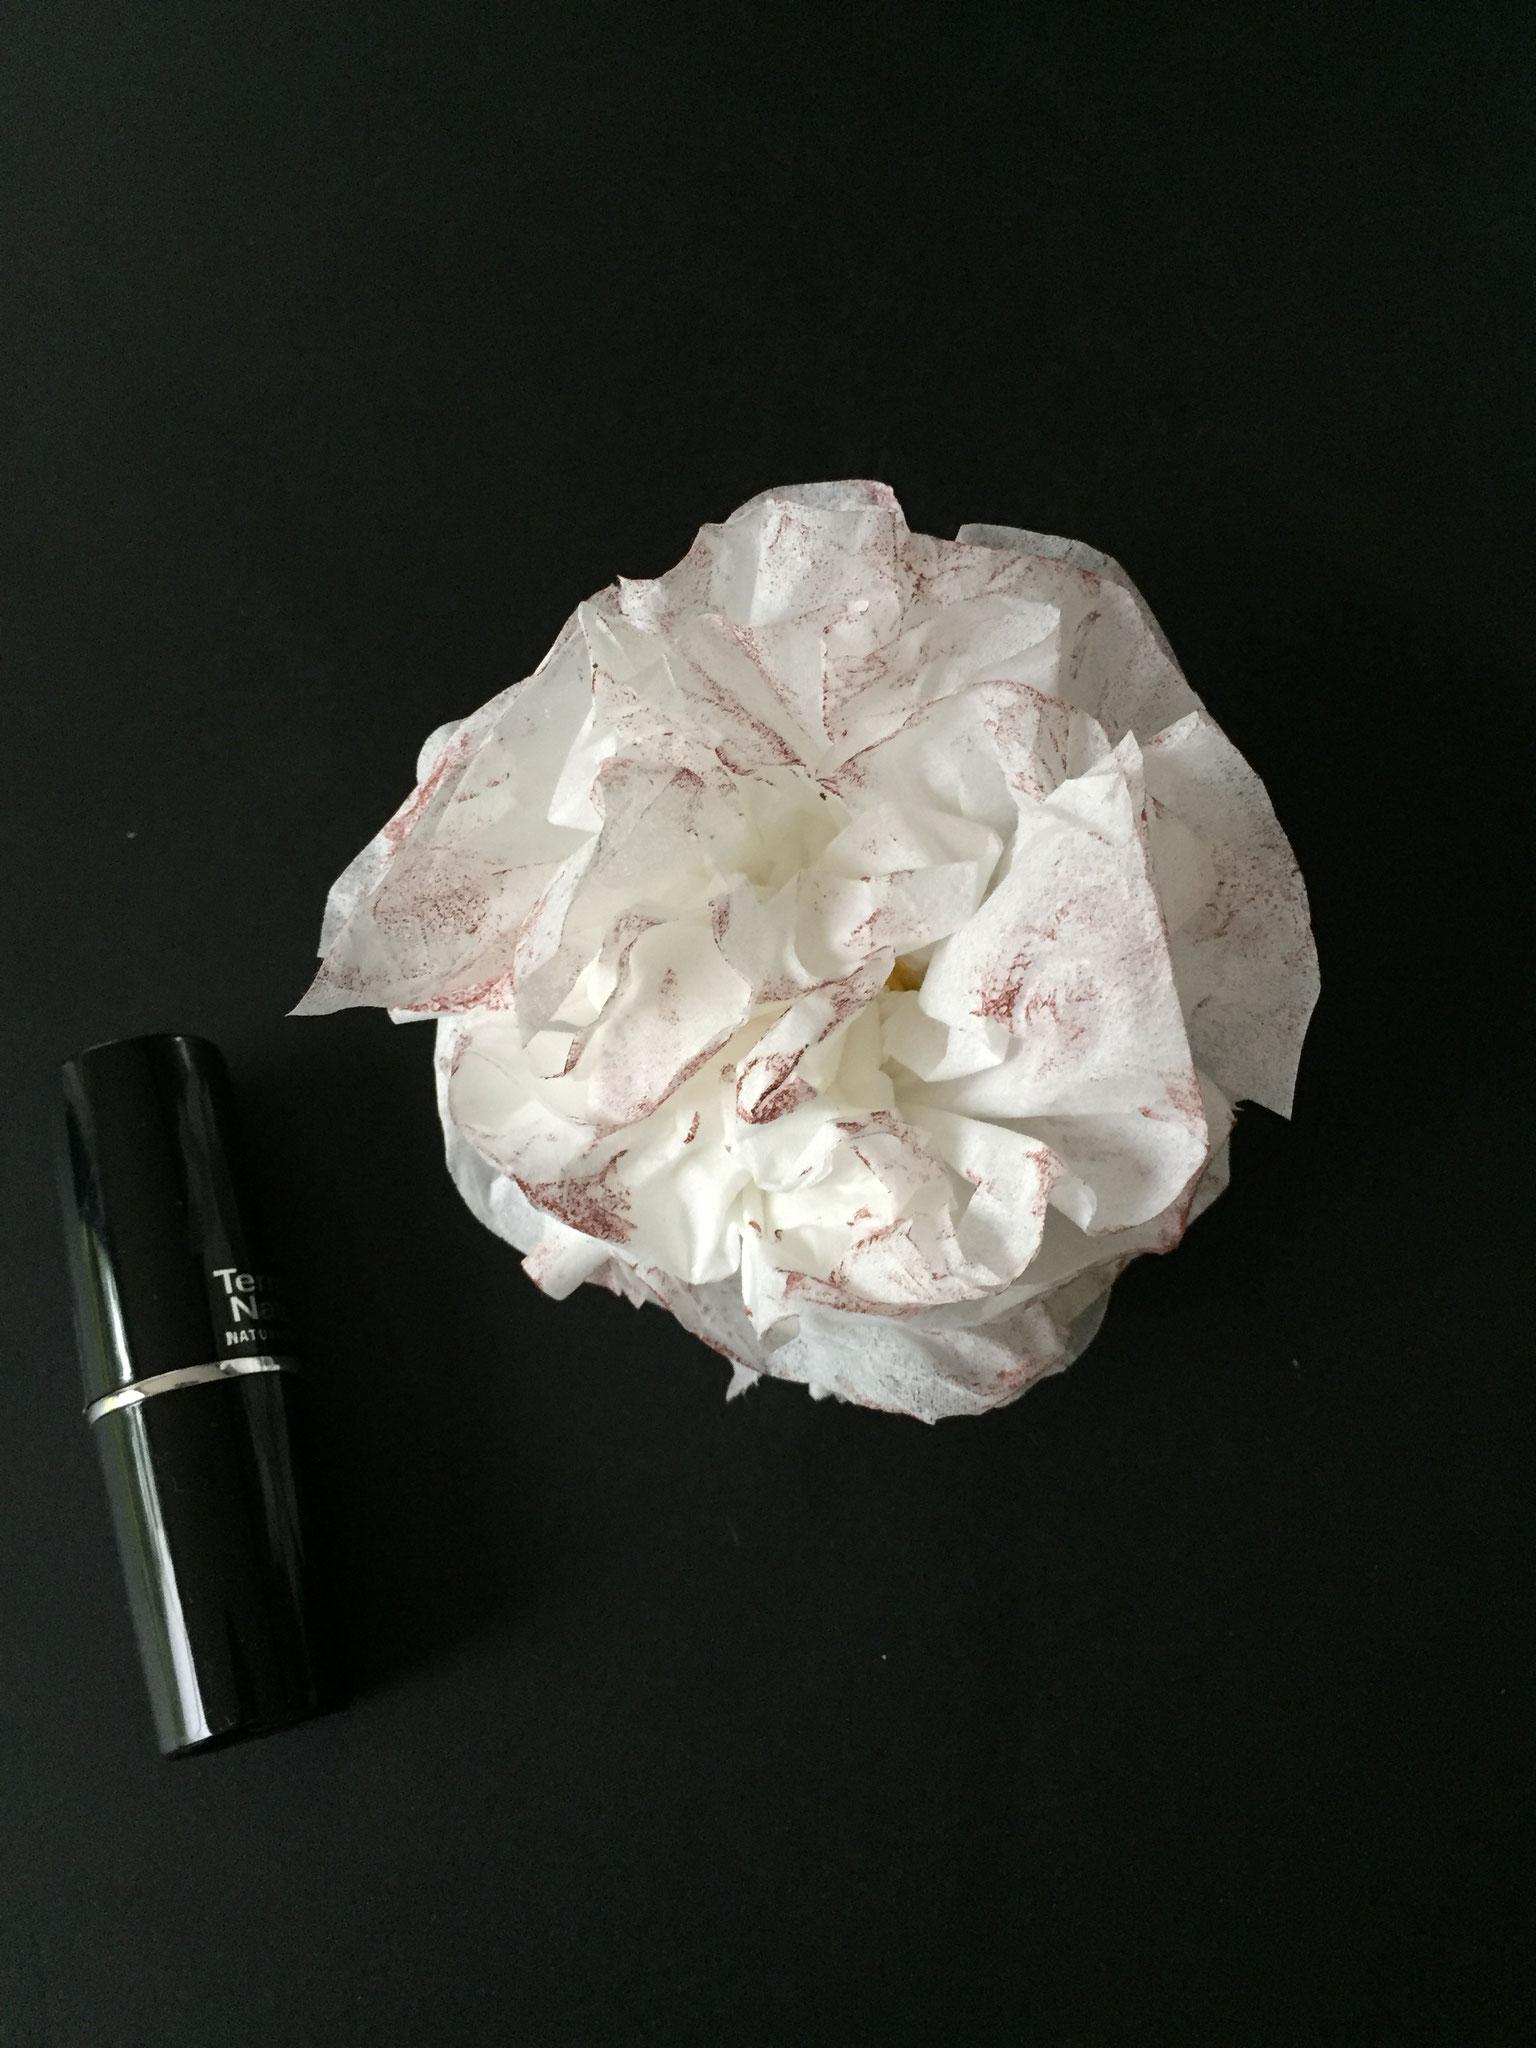 Jetzt ist die Blume fertig. Du kannst sie verschenken.